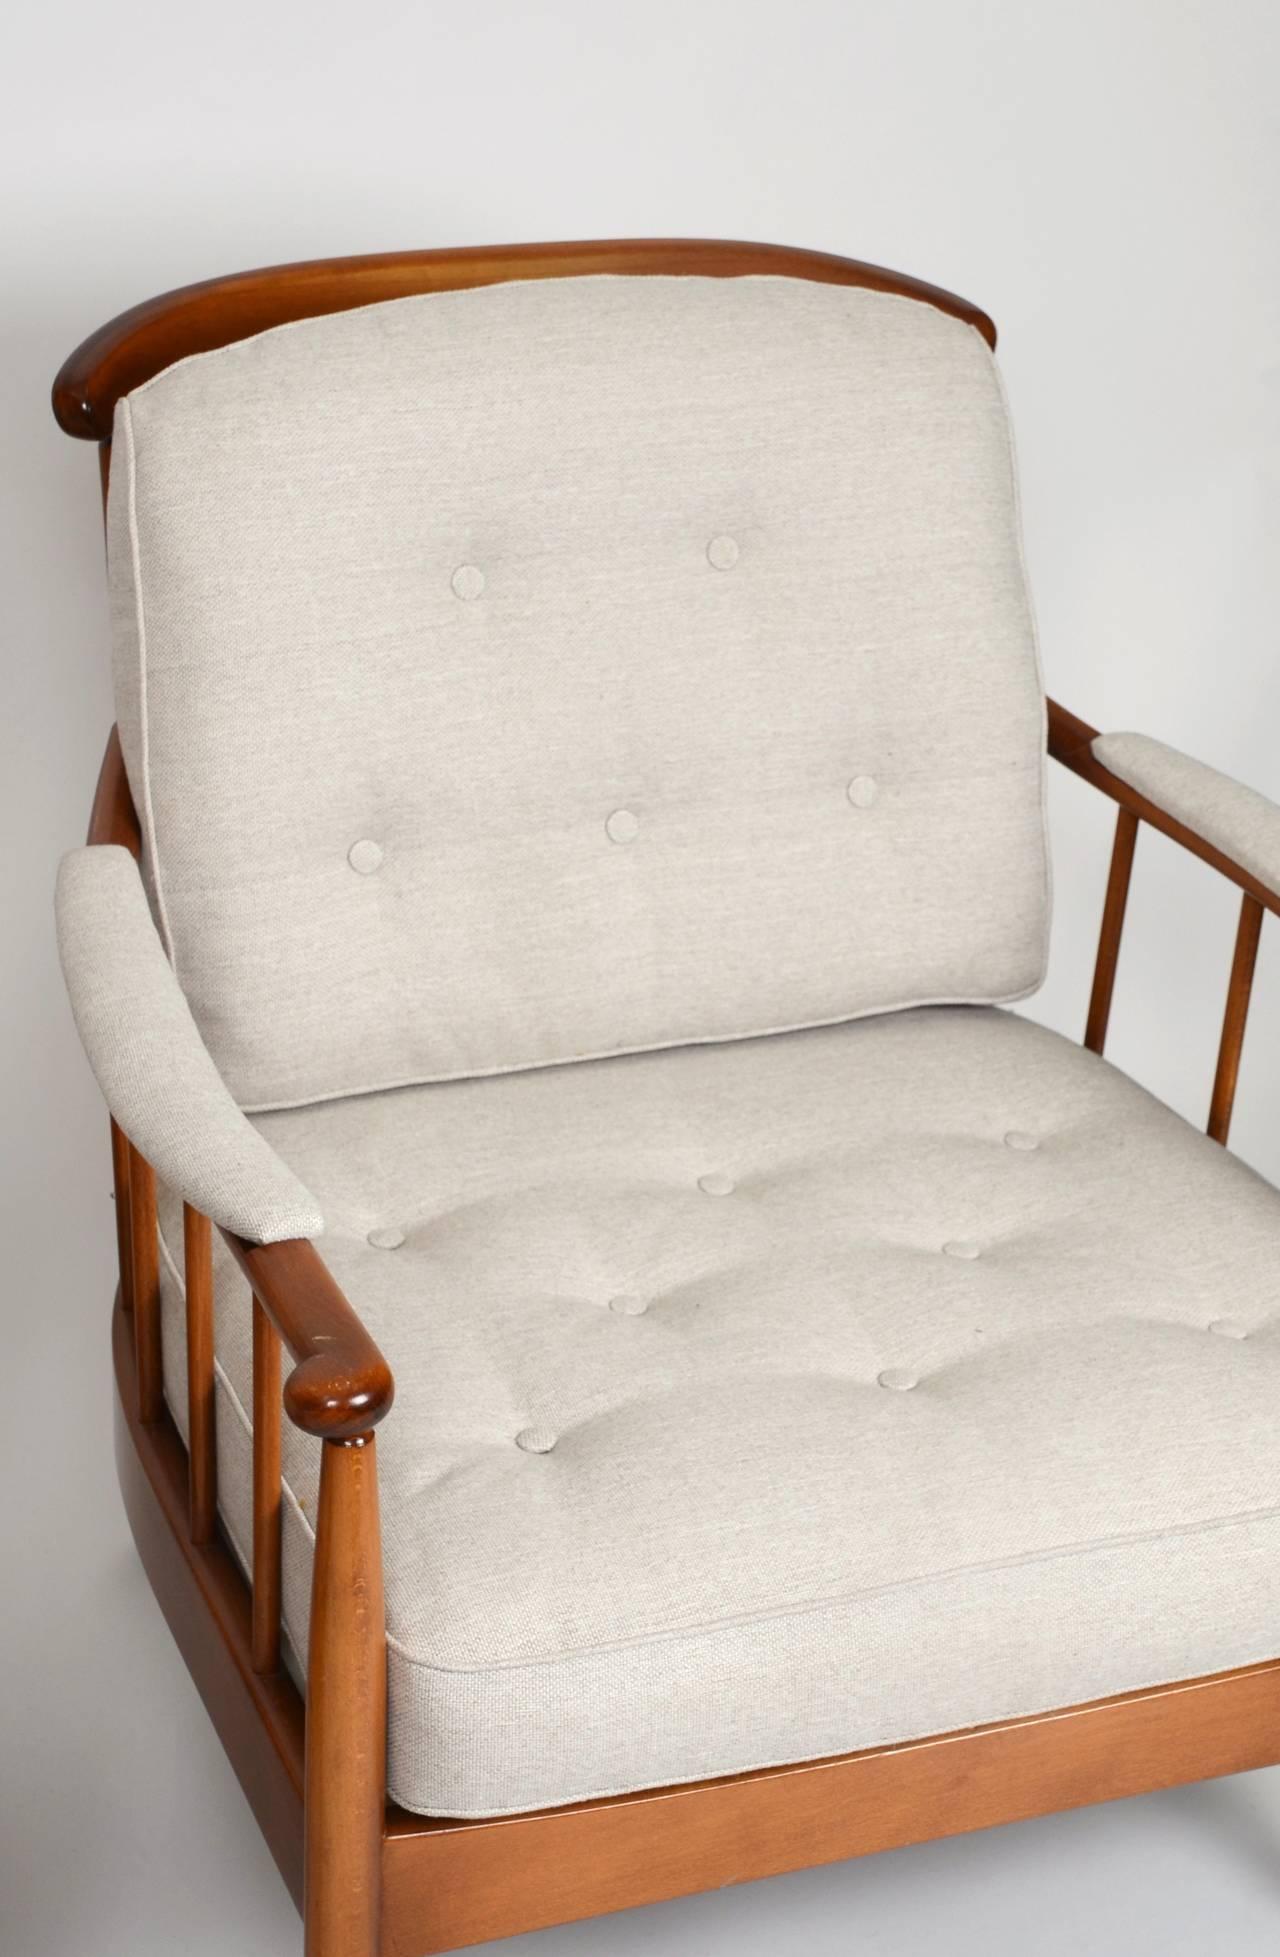 Pair of Skrindan Lounge Chairs by Kerstin Hörlin Holmquist for OPE